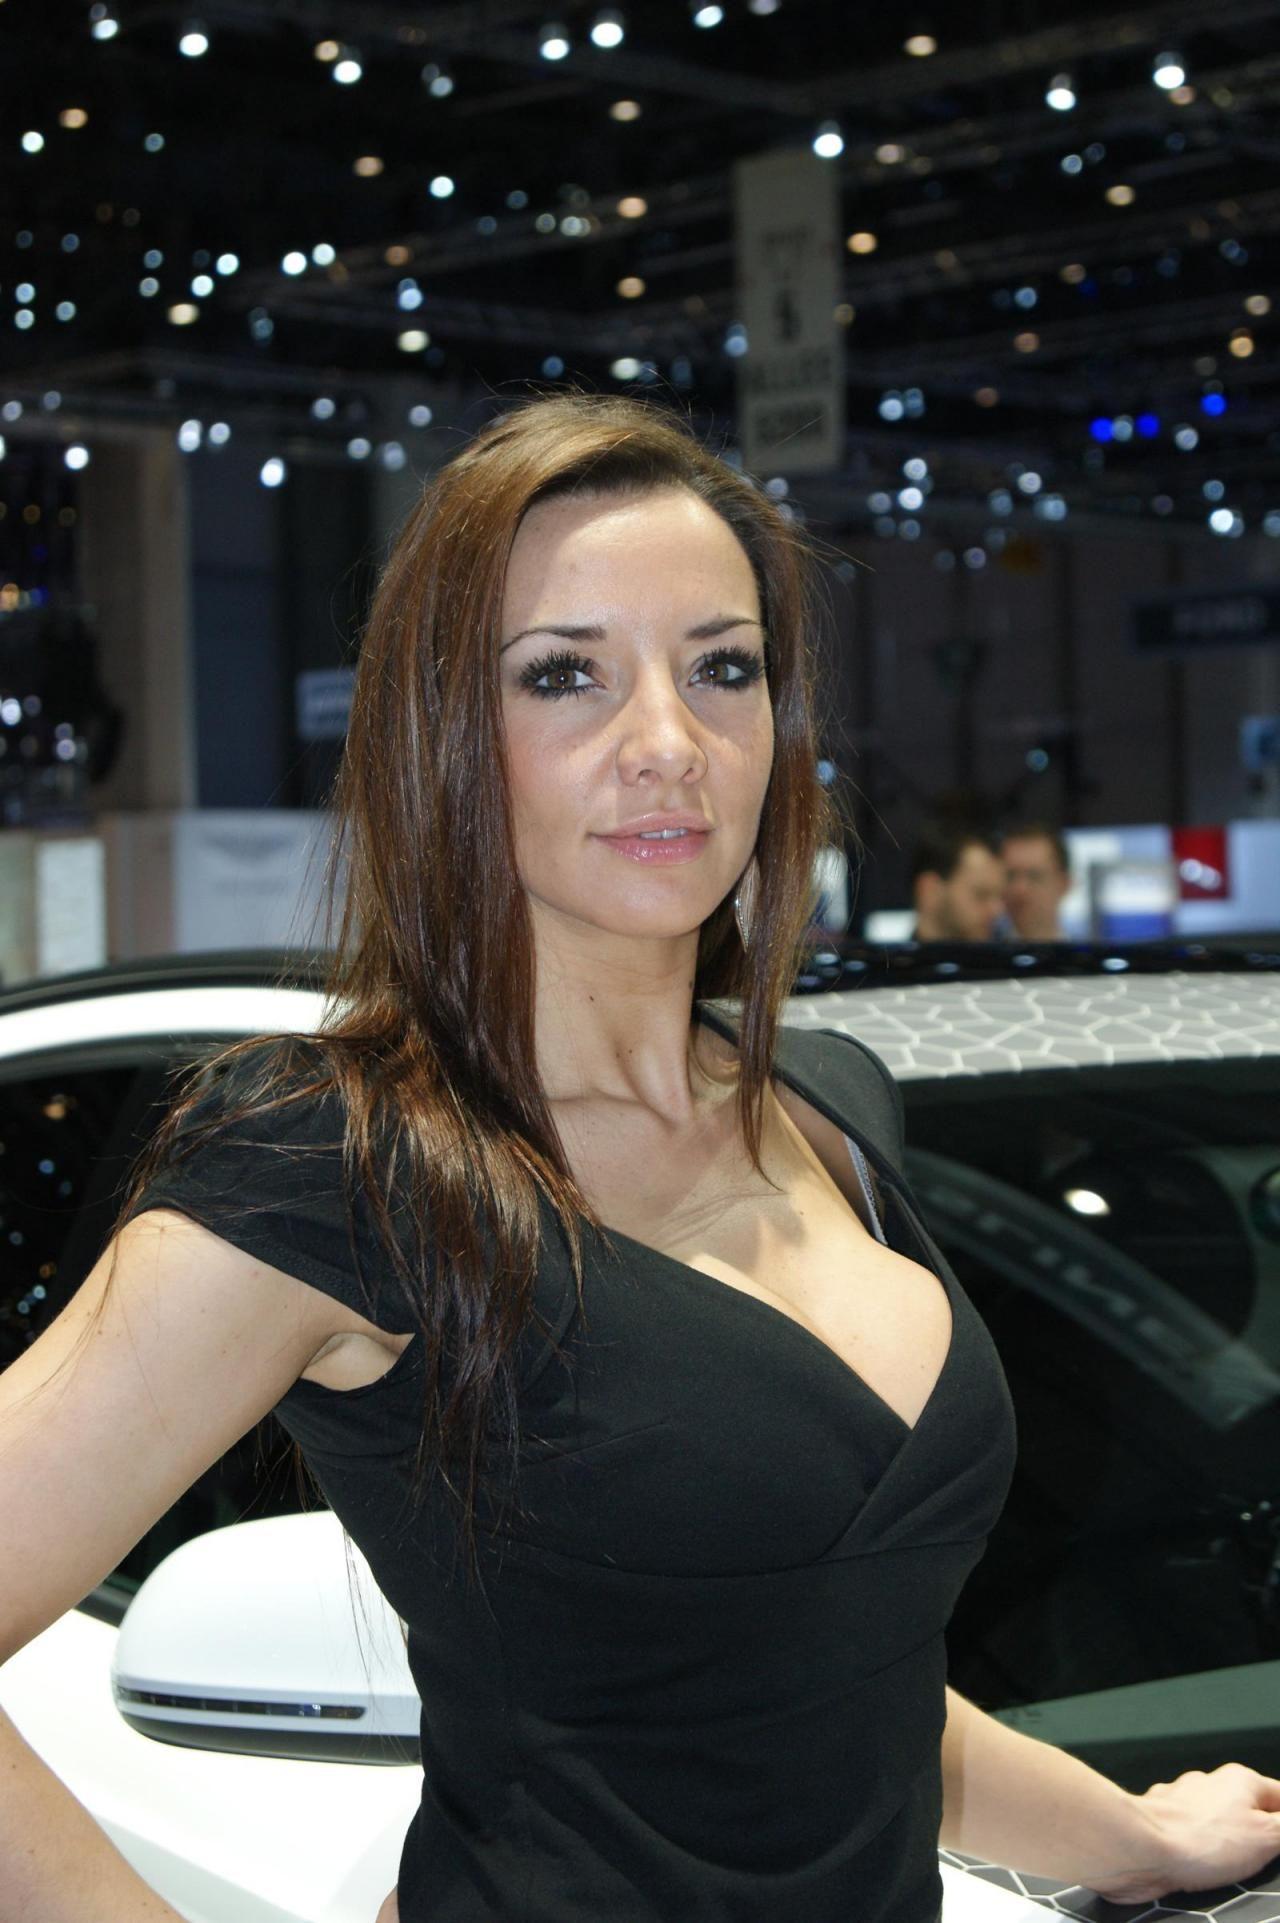 Girls of the motor show girls of the motor show pinterest